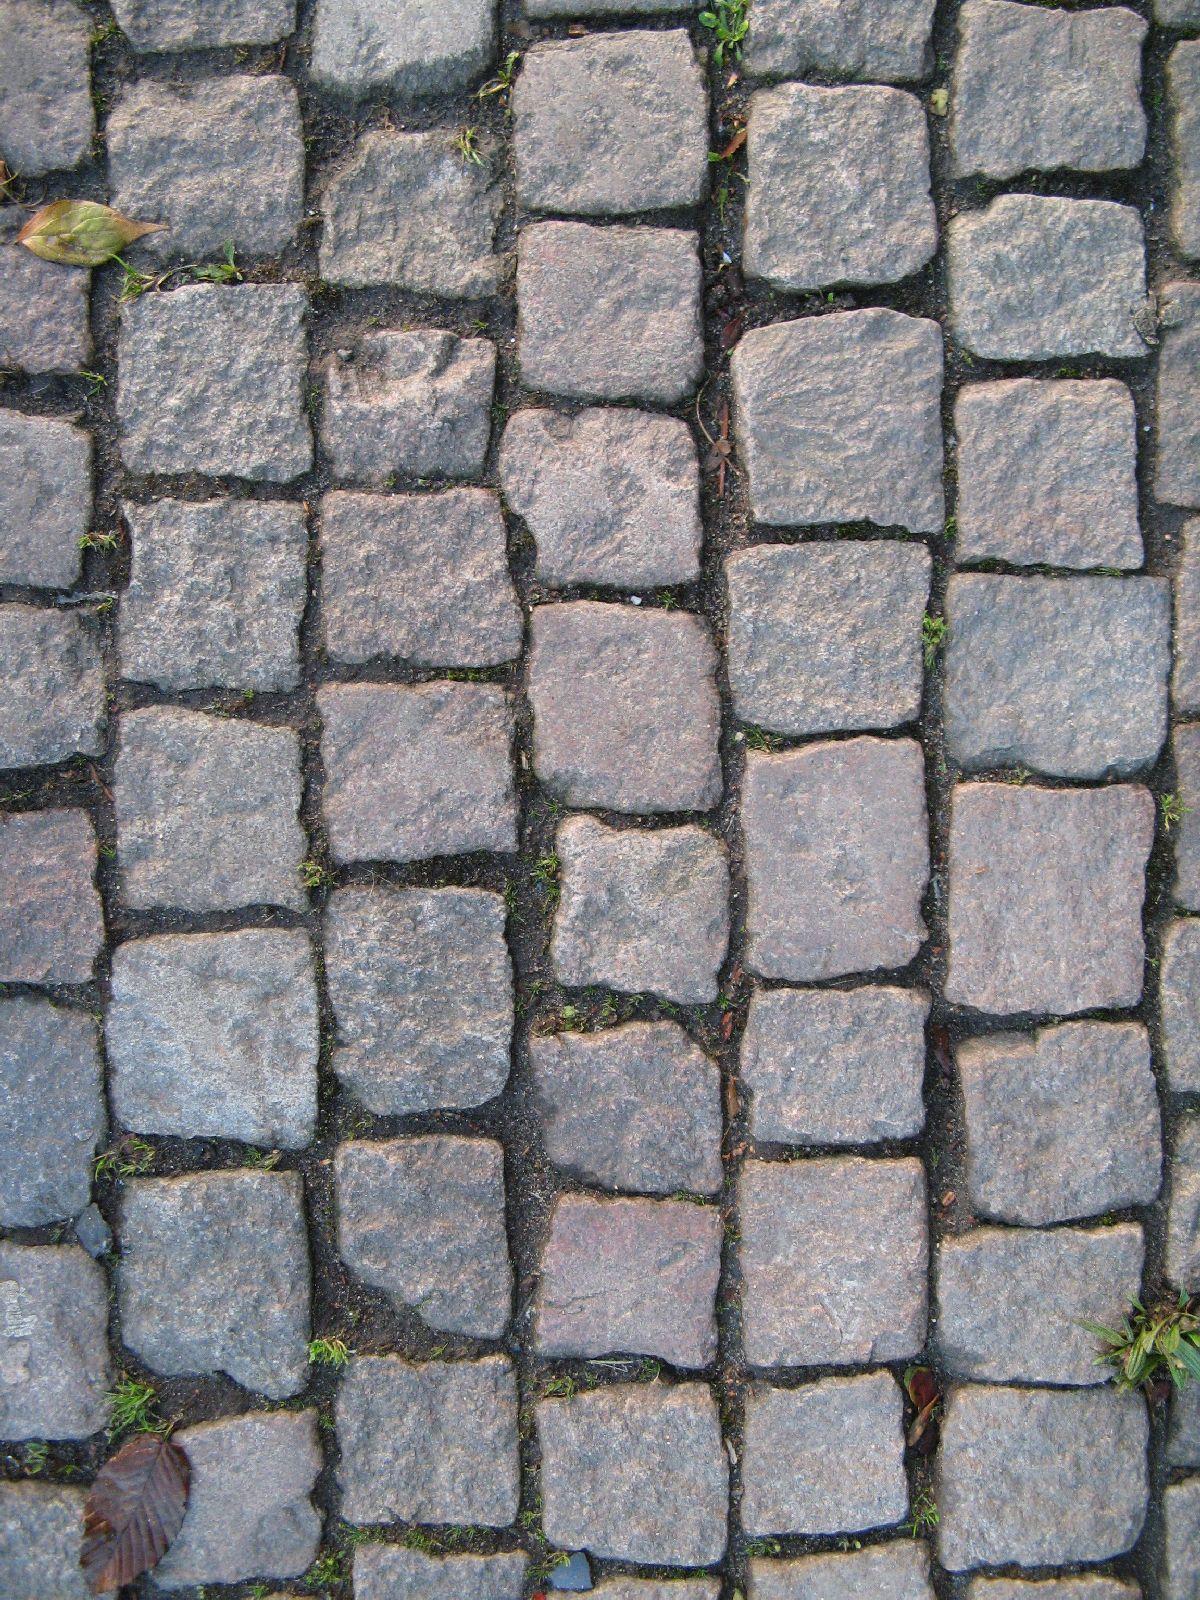 Boden-Gehweg-Strasse-Buergersteig-Textur_B_01327